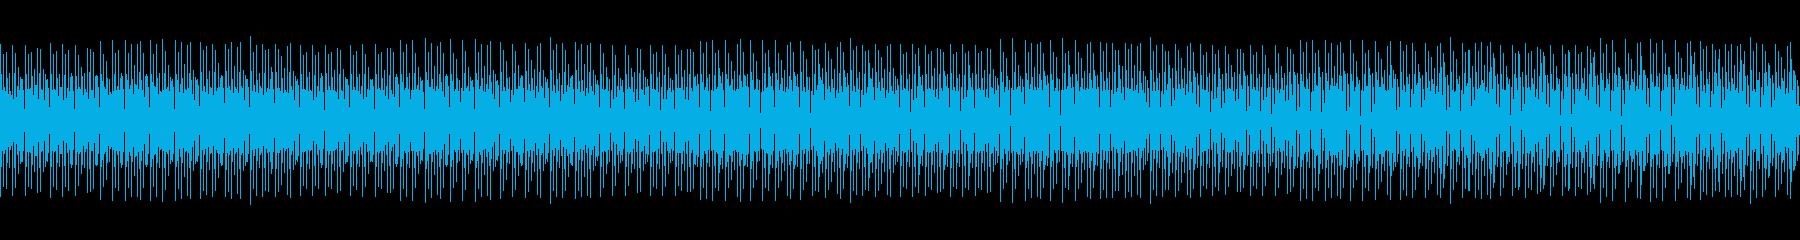 スーパー店内風01の再生済みの波形